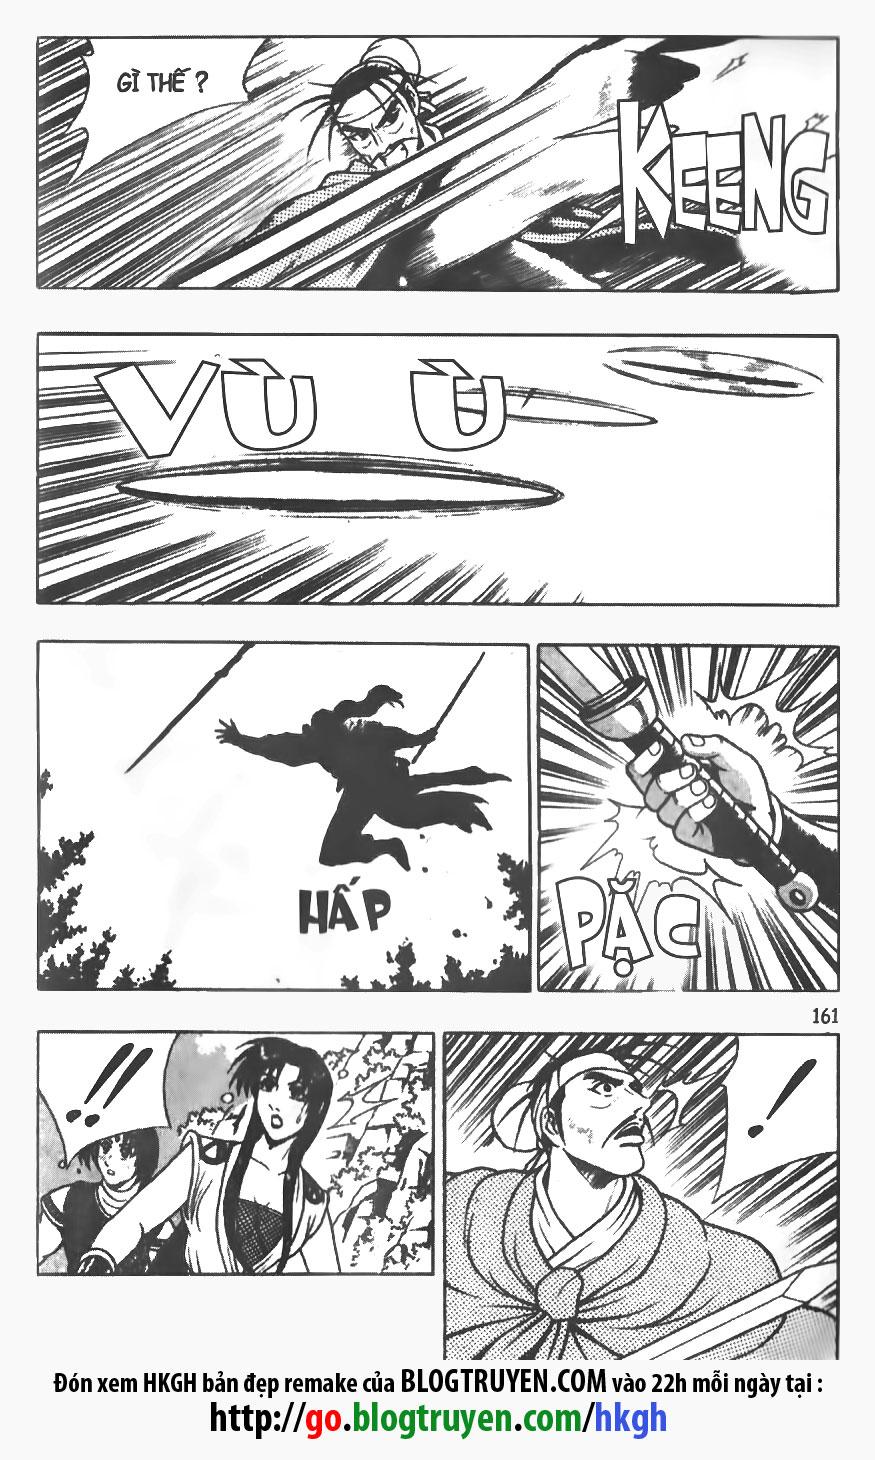 xem truyen moi - Hiệp Khách Giang Hồ Vol12 - Chap 081 - Remake